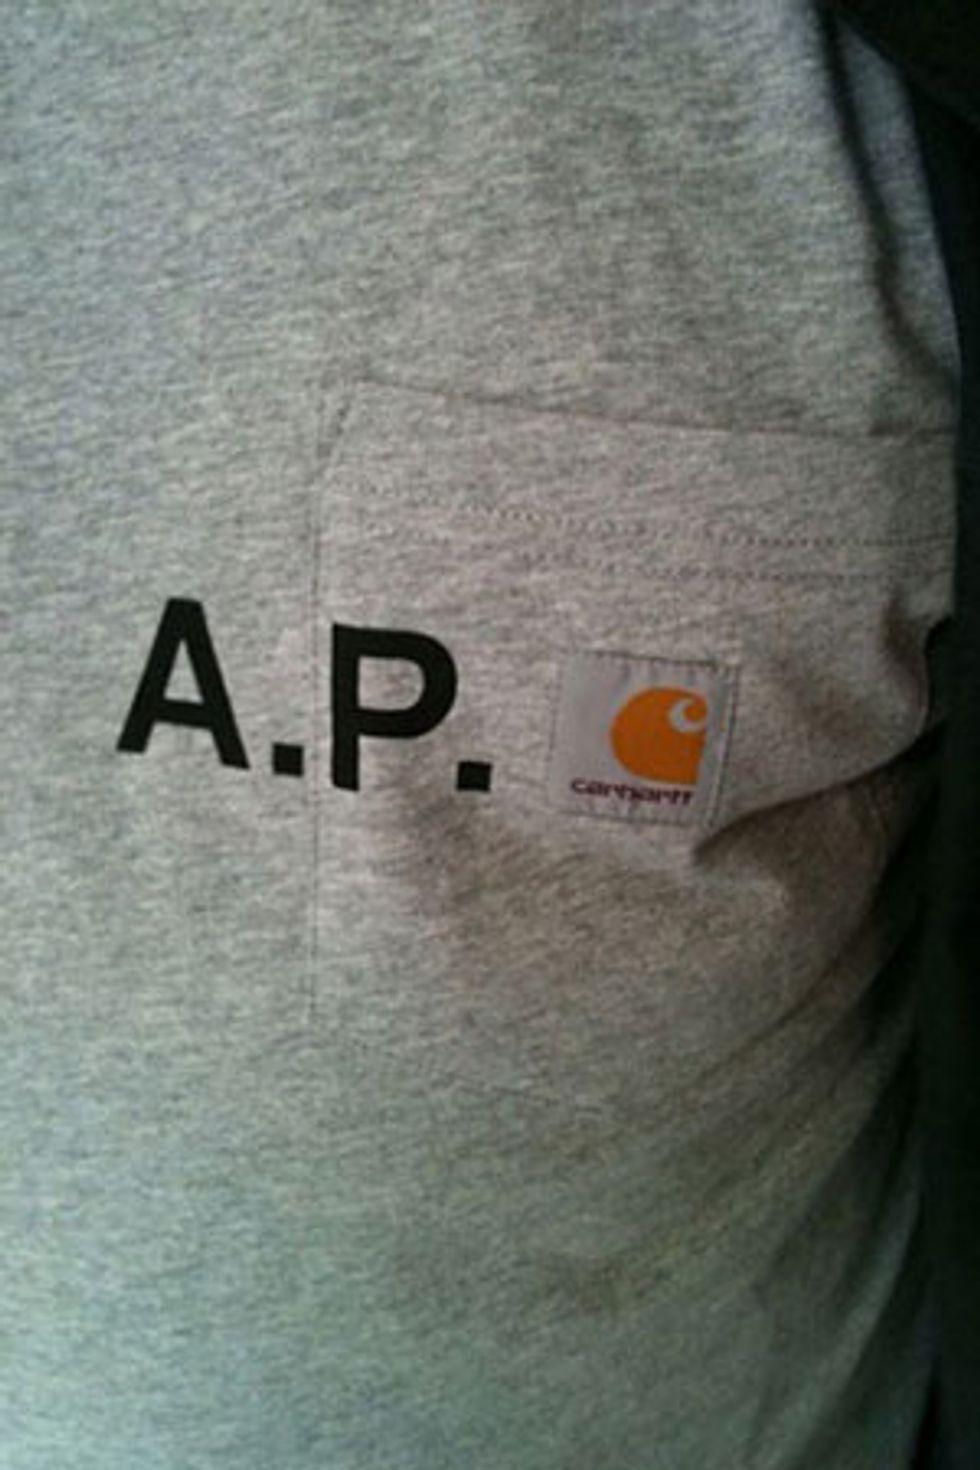 A.P.C. + Carhartt = Logo Love